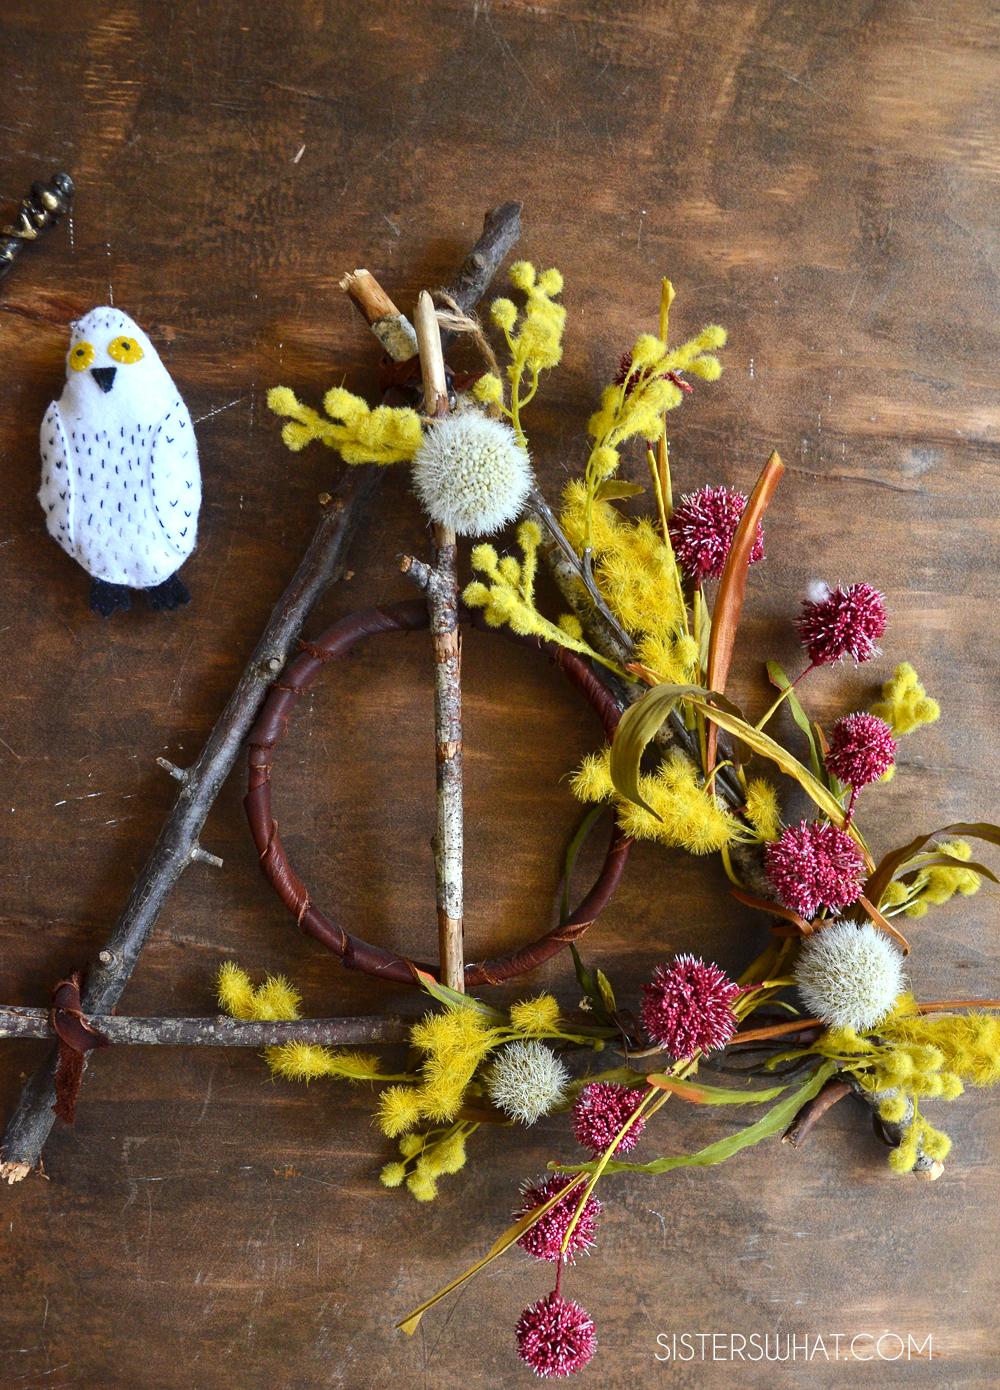 harry potter deathly hallows wreath diy